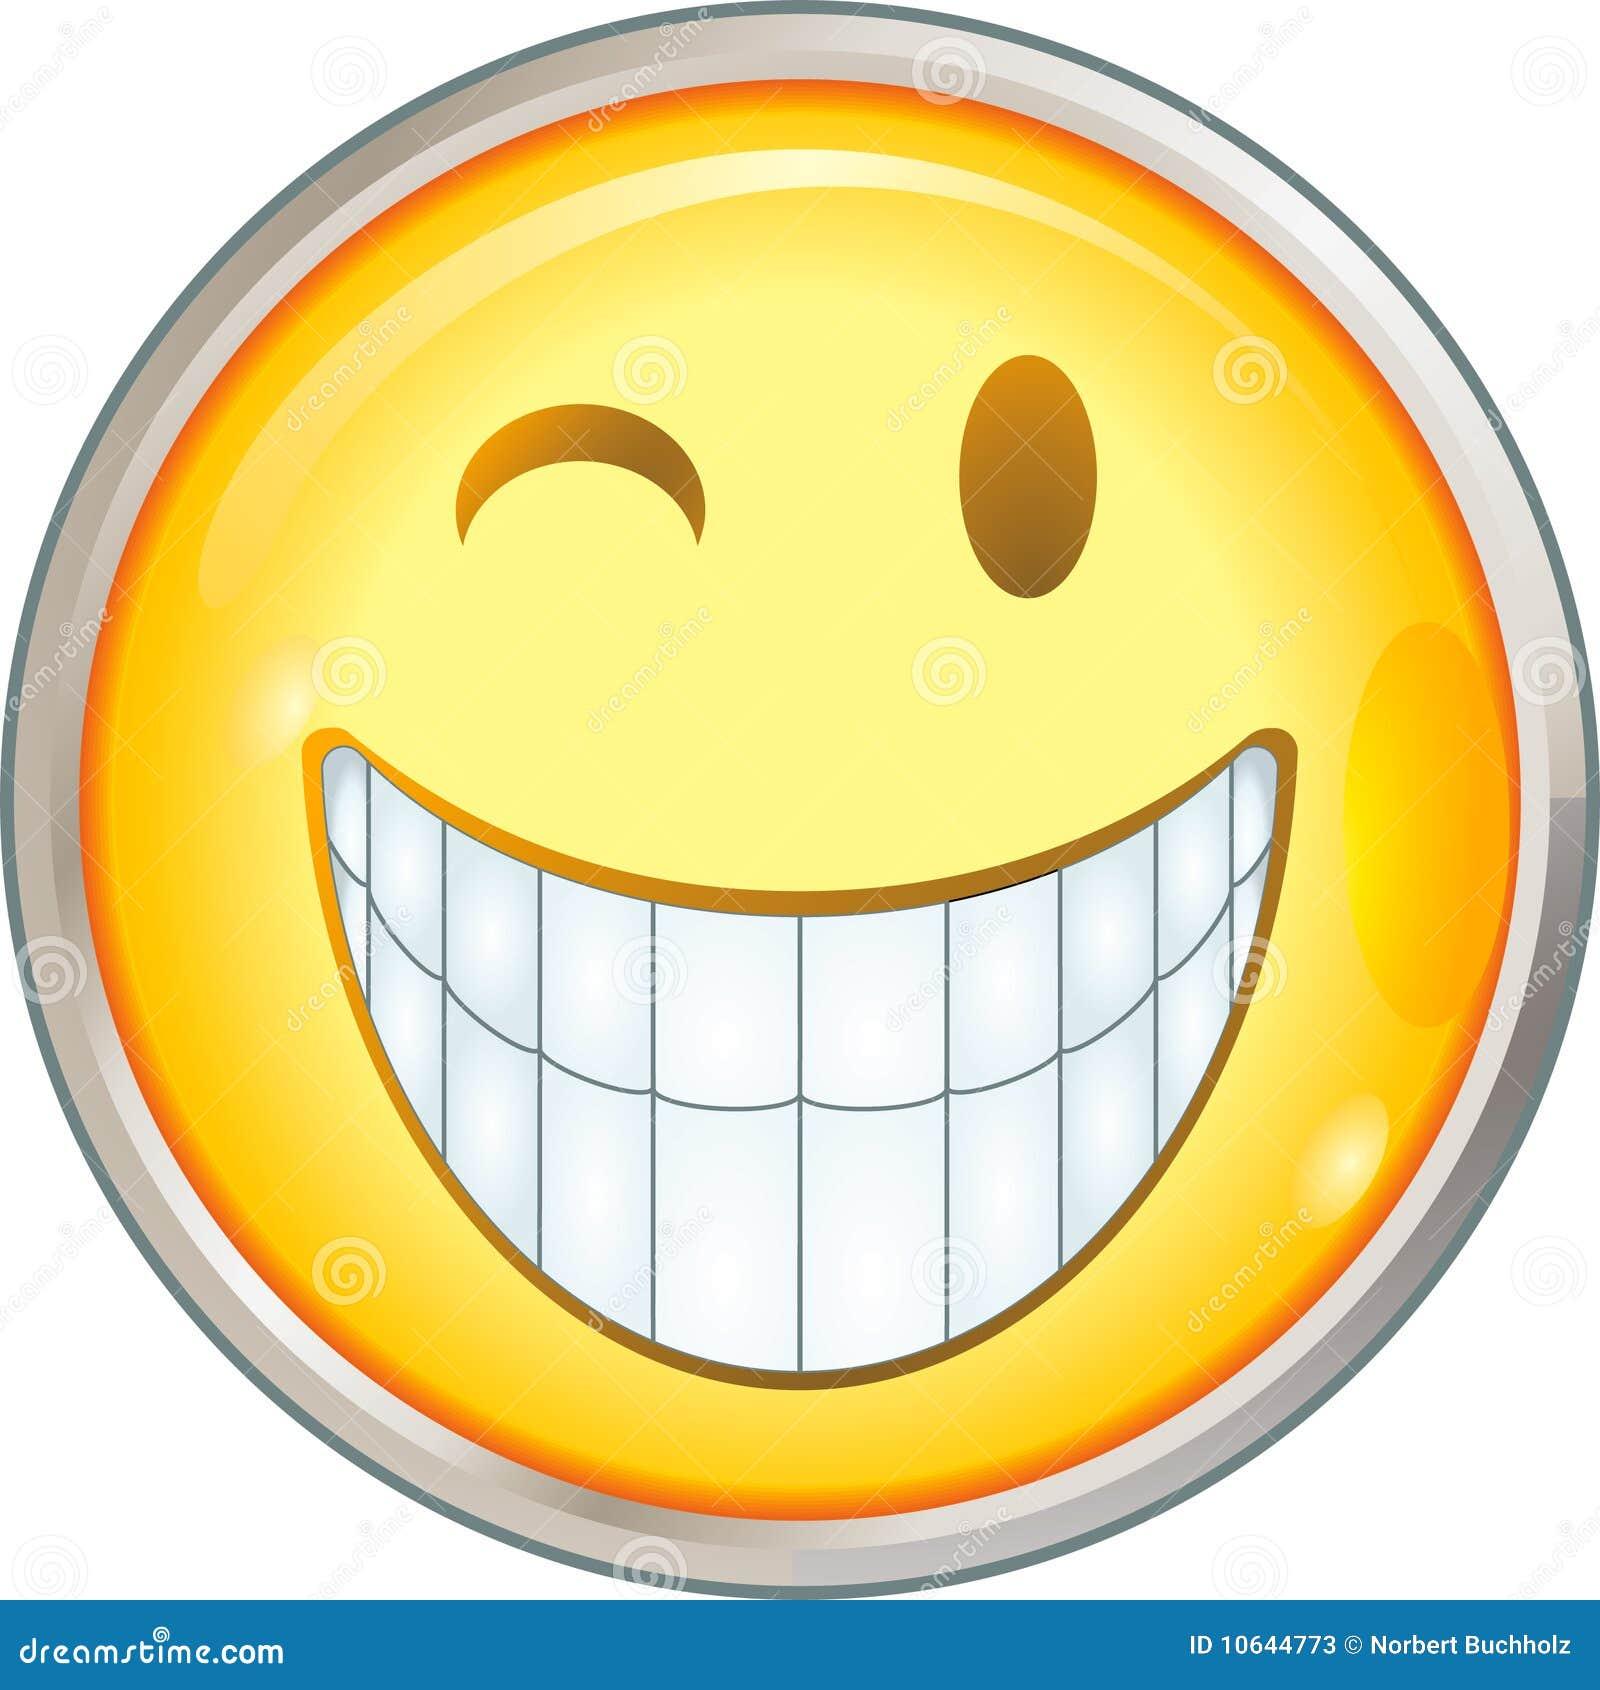 Hoy dedico una sonrisa, ....... - Página 2 Sonrisas-10644773